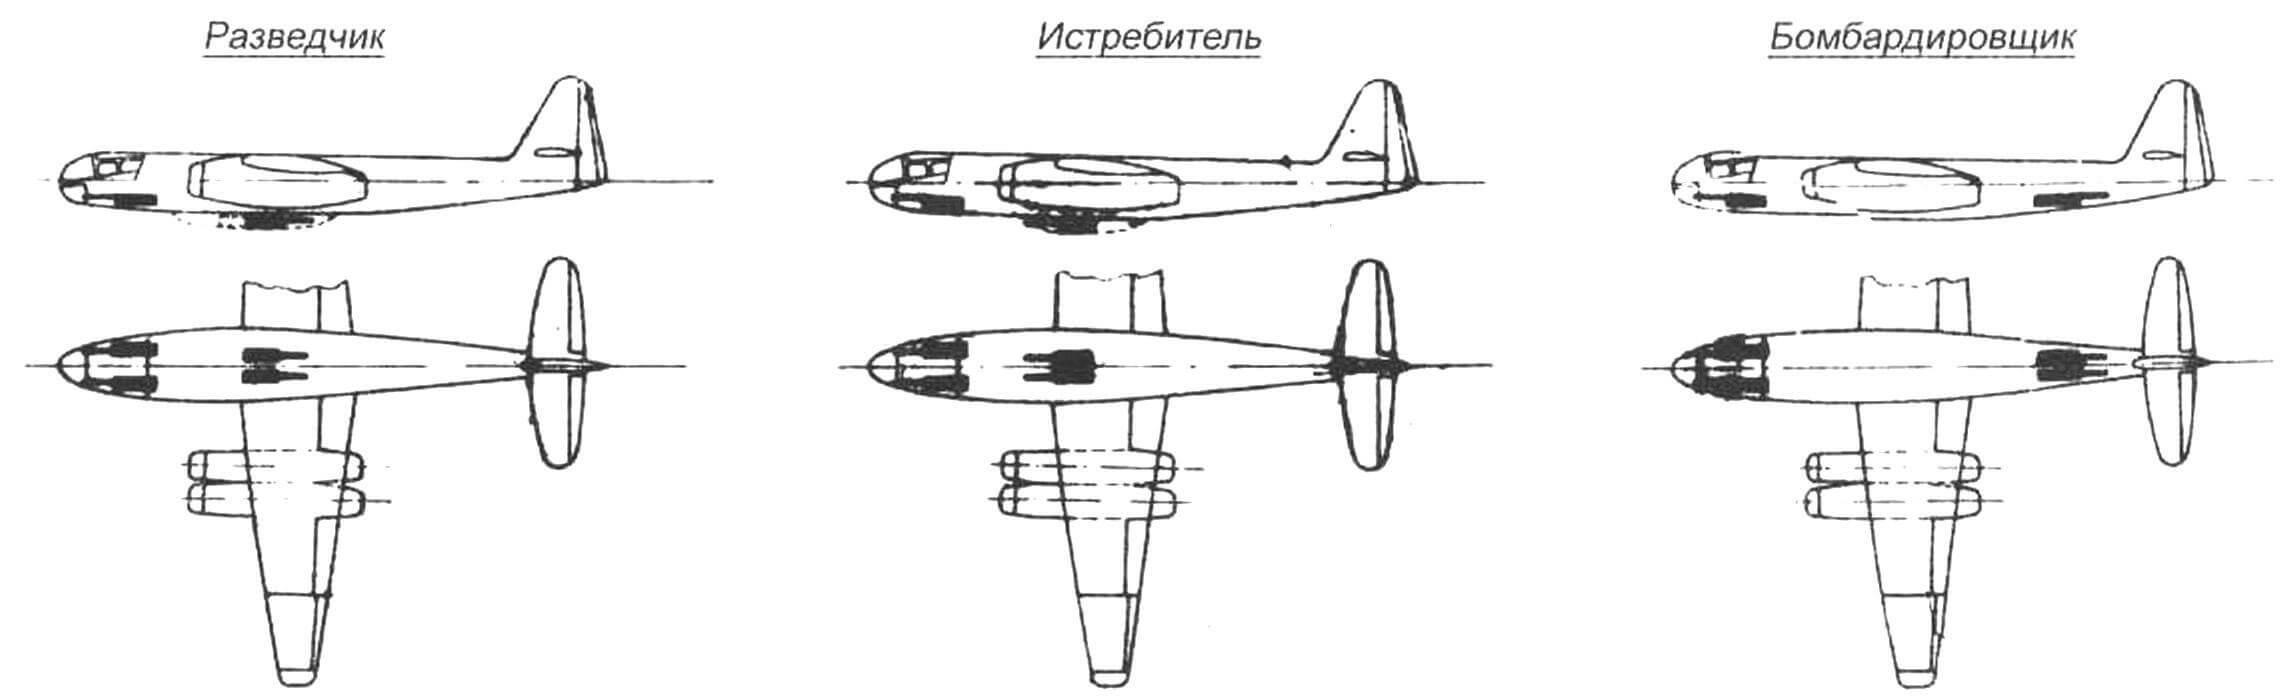 Схемы стрелкового вооружения различных вариантов самолета Ar234